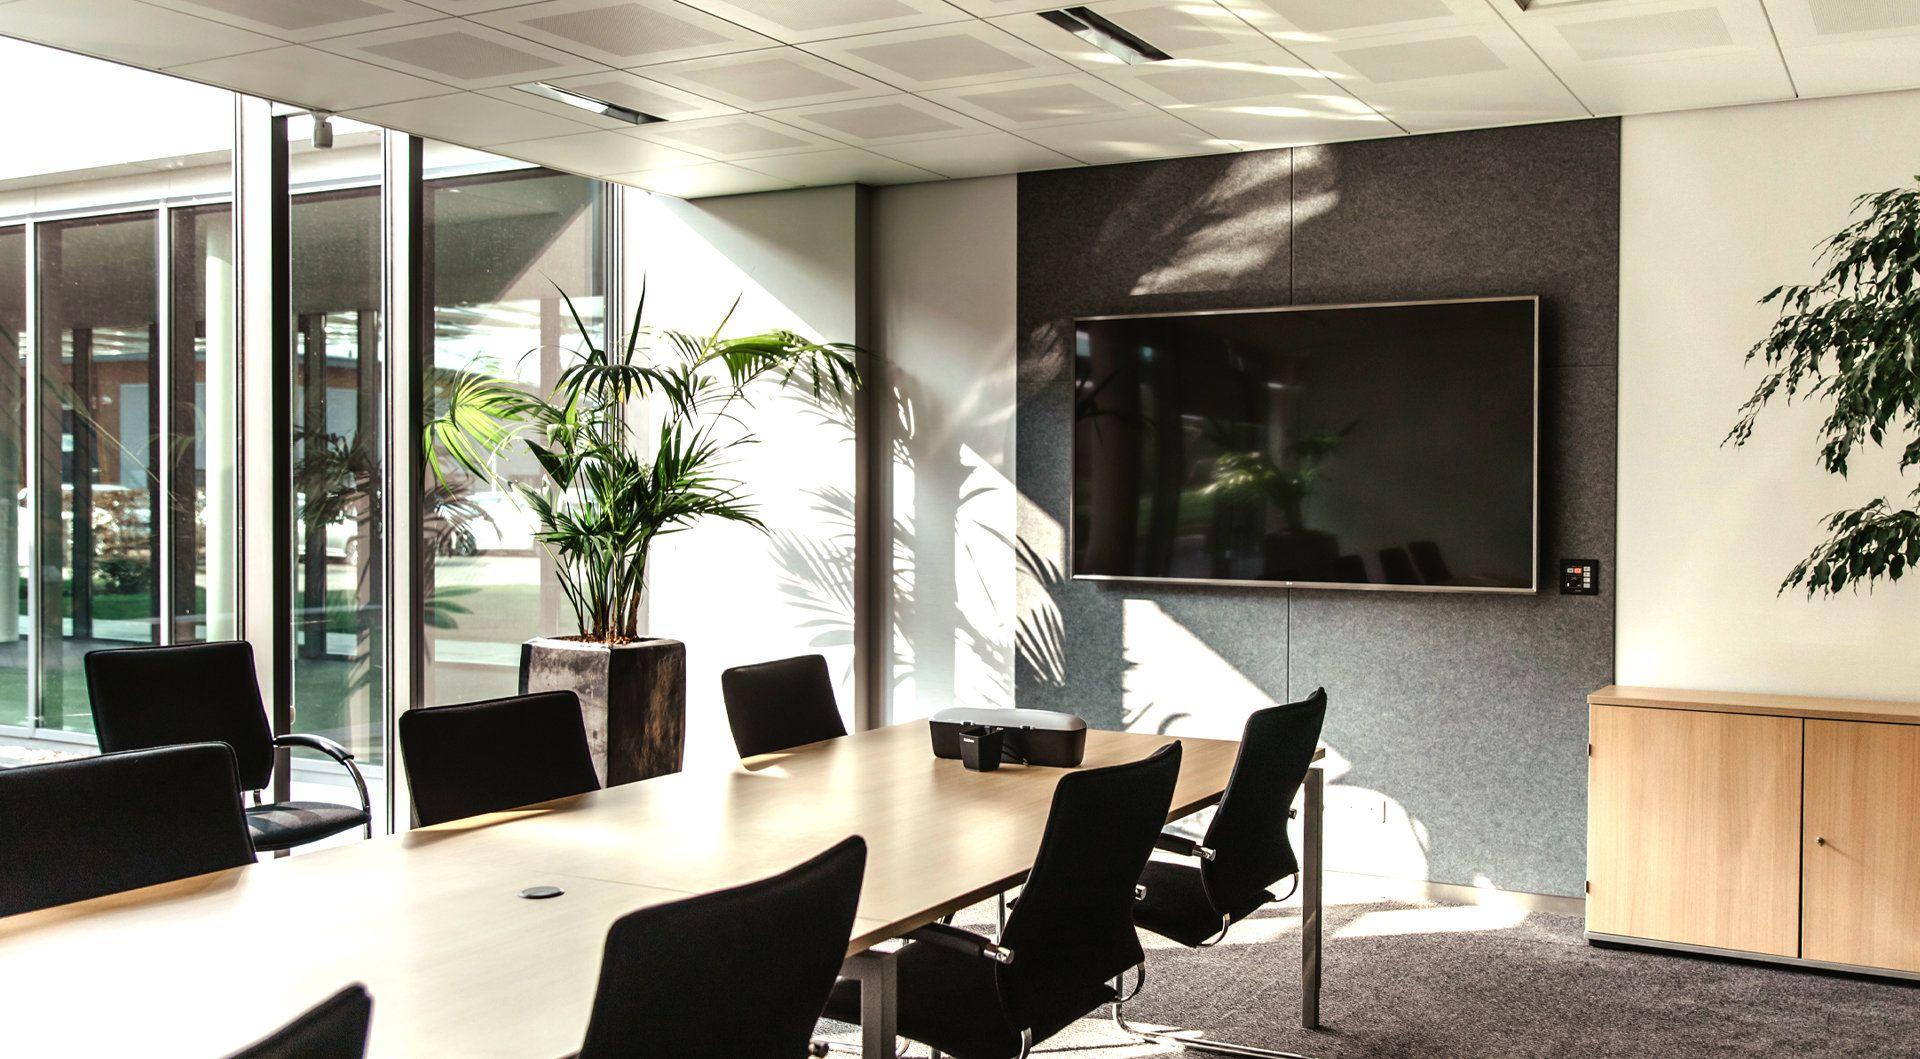 """LG 88BH7F beeldkrant Panorama-ontwerp 2,24 m (88"""") IPS Zwart - Case studie de vries"""